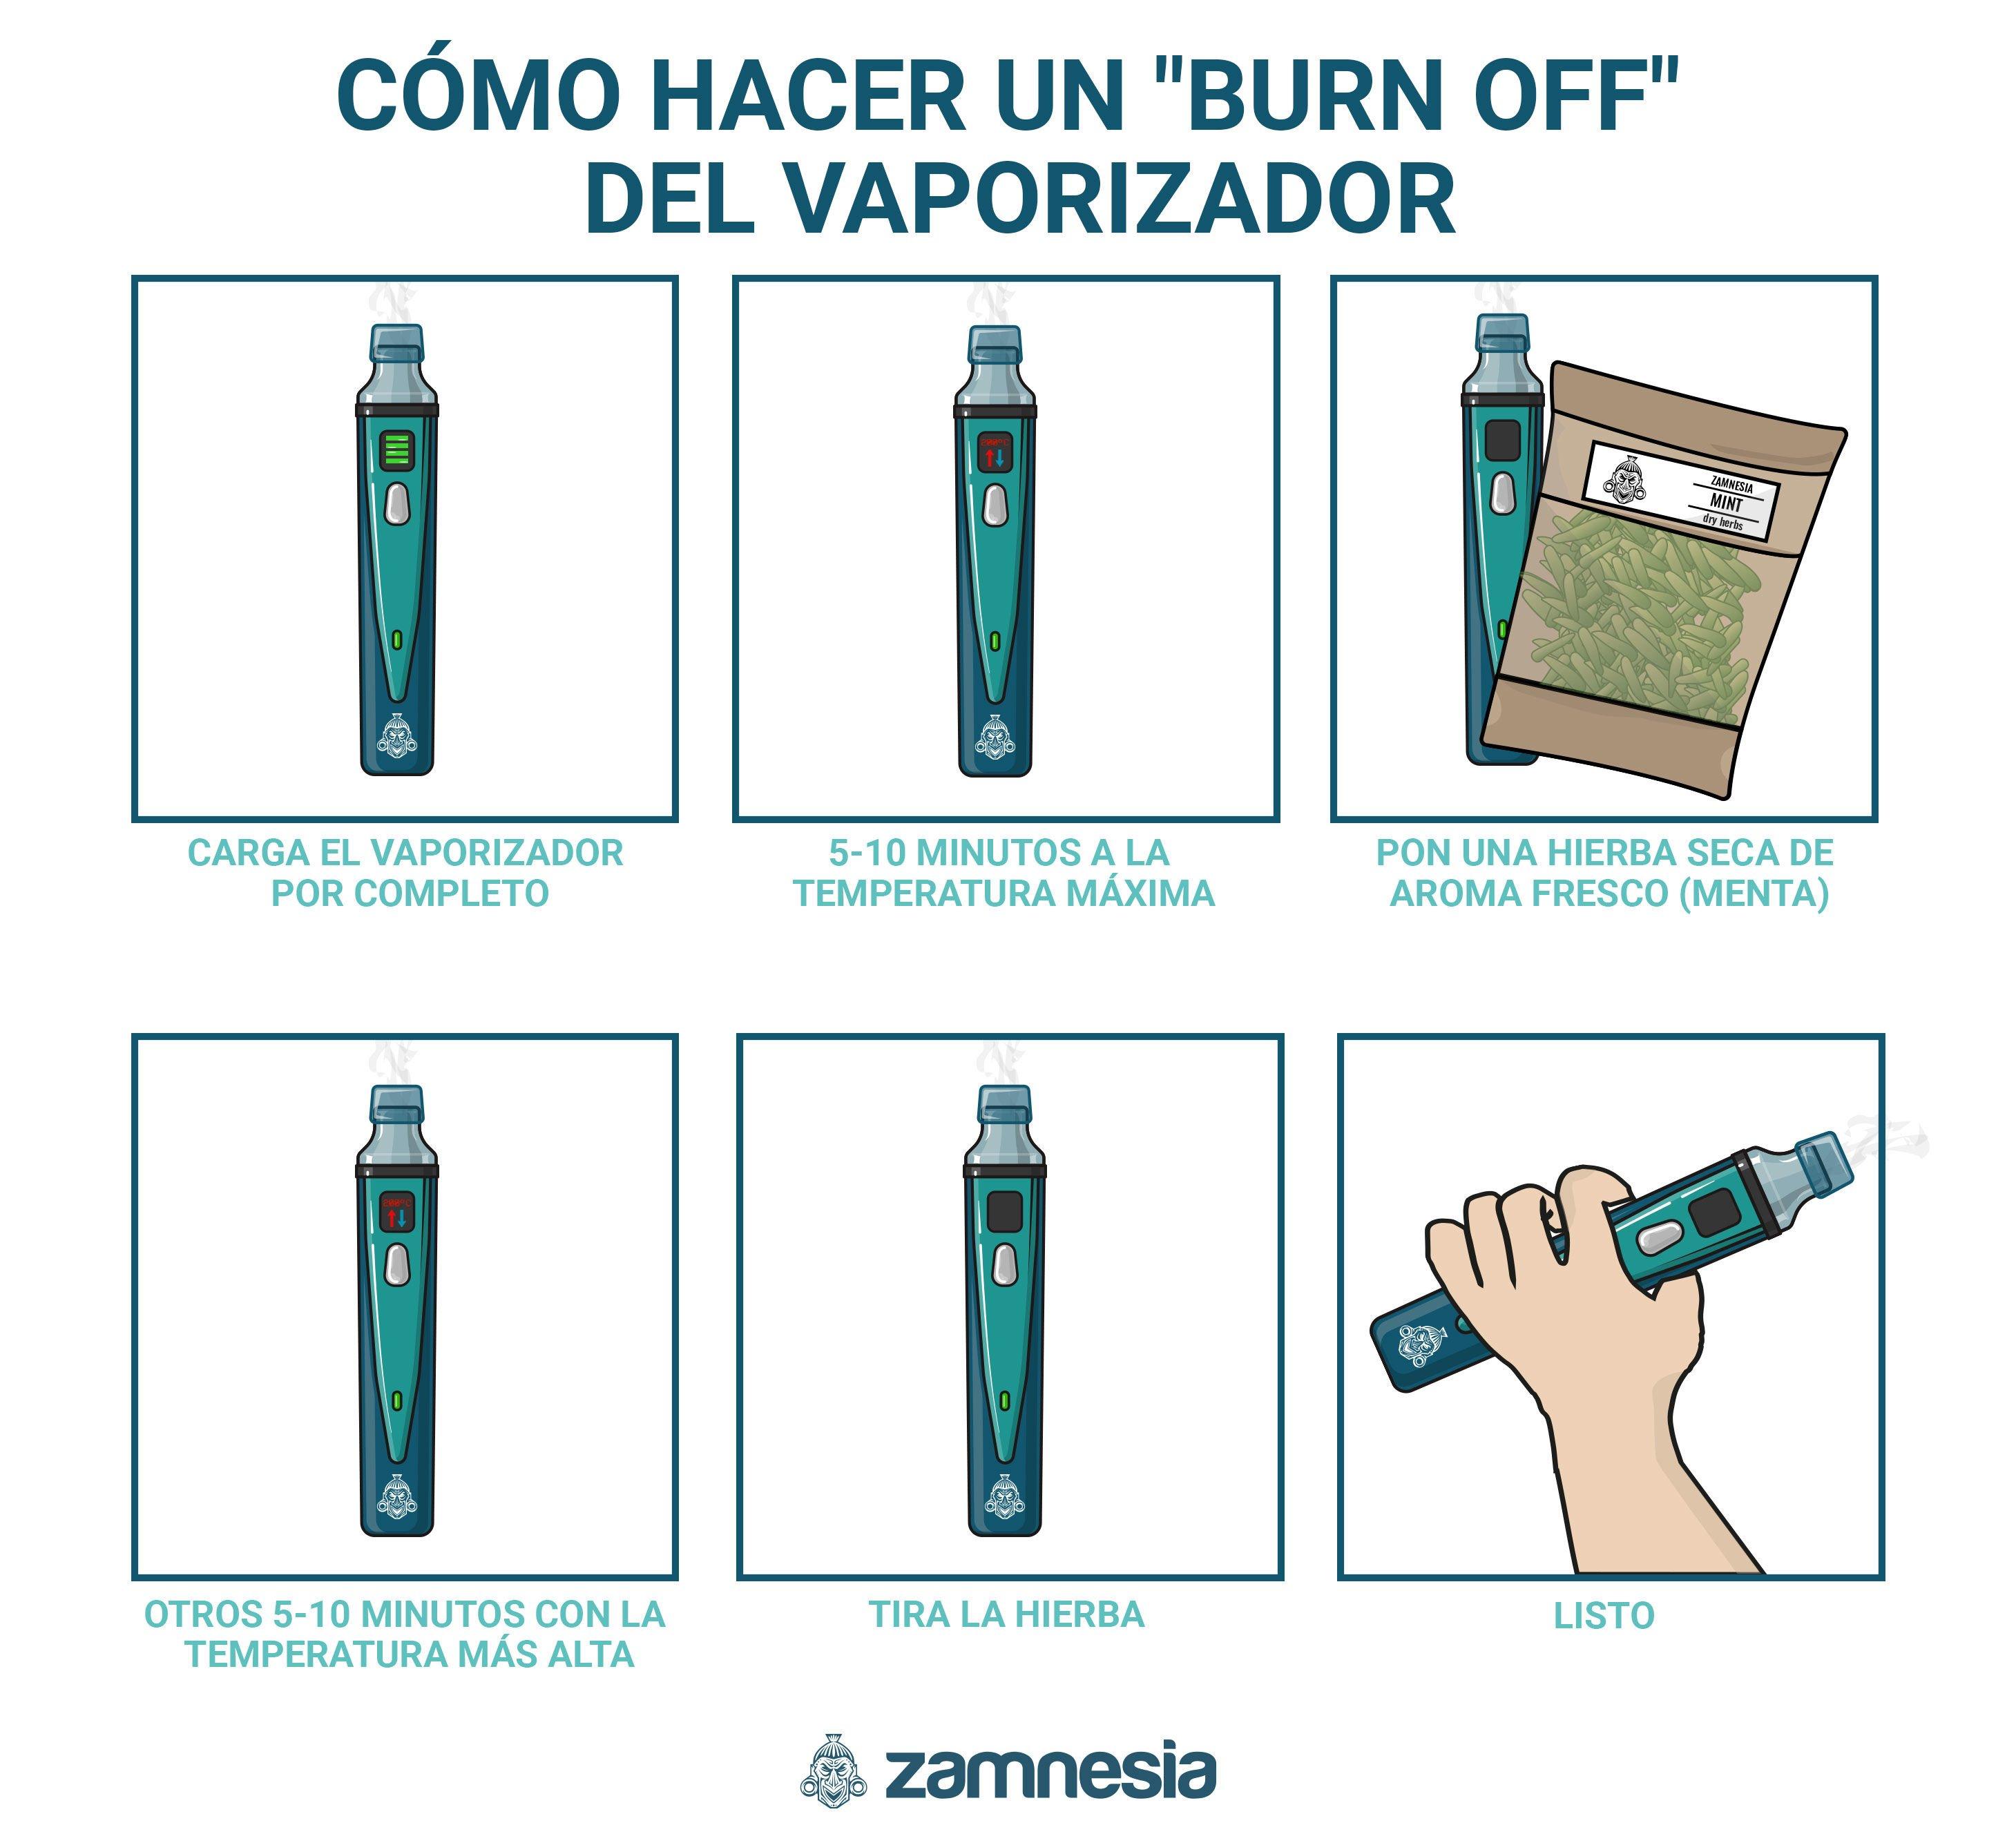 Cómo Hazer Un Burn Off Del Vaporizador